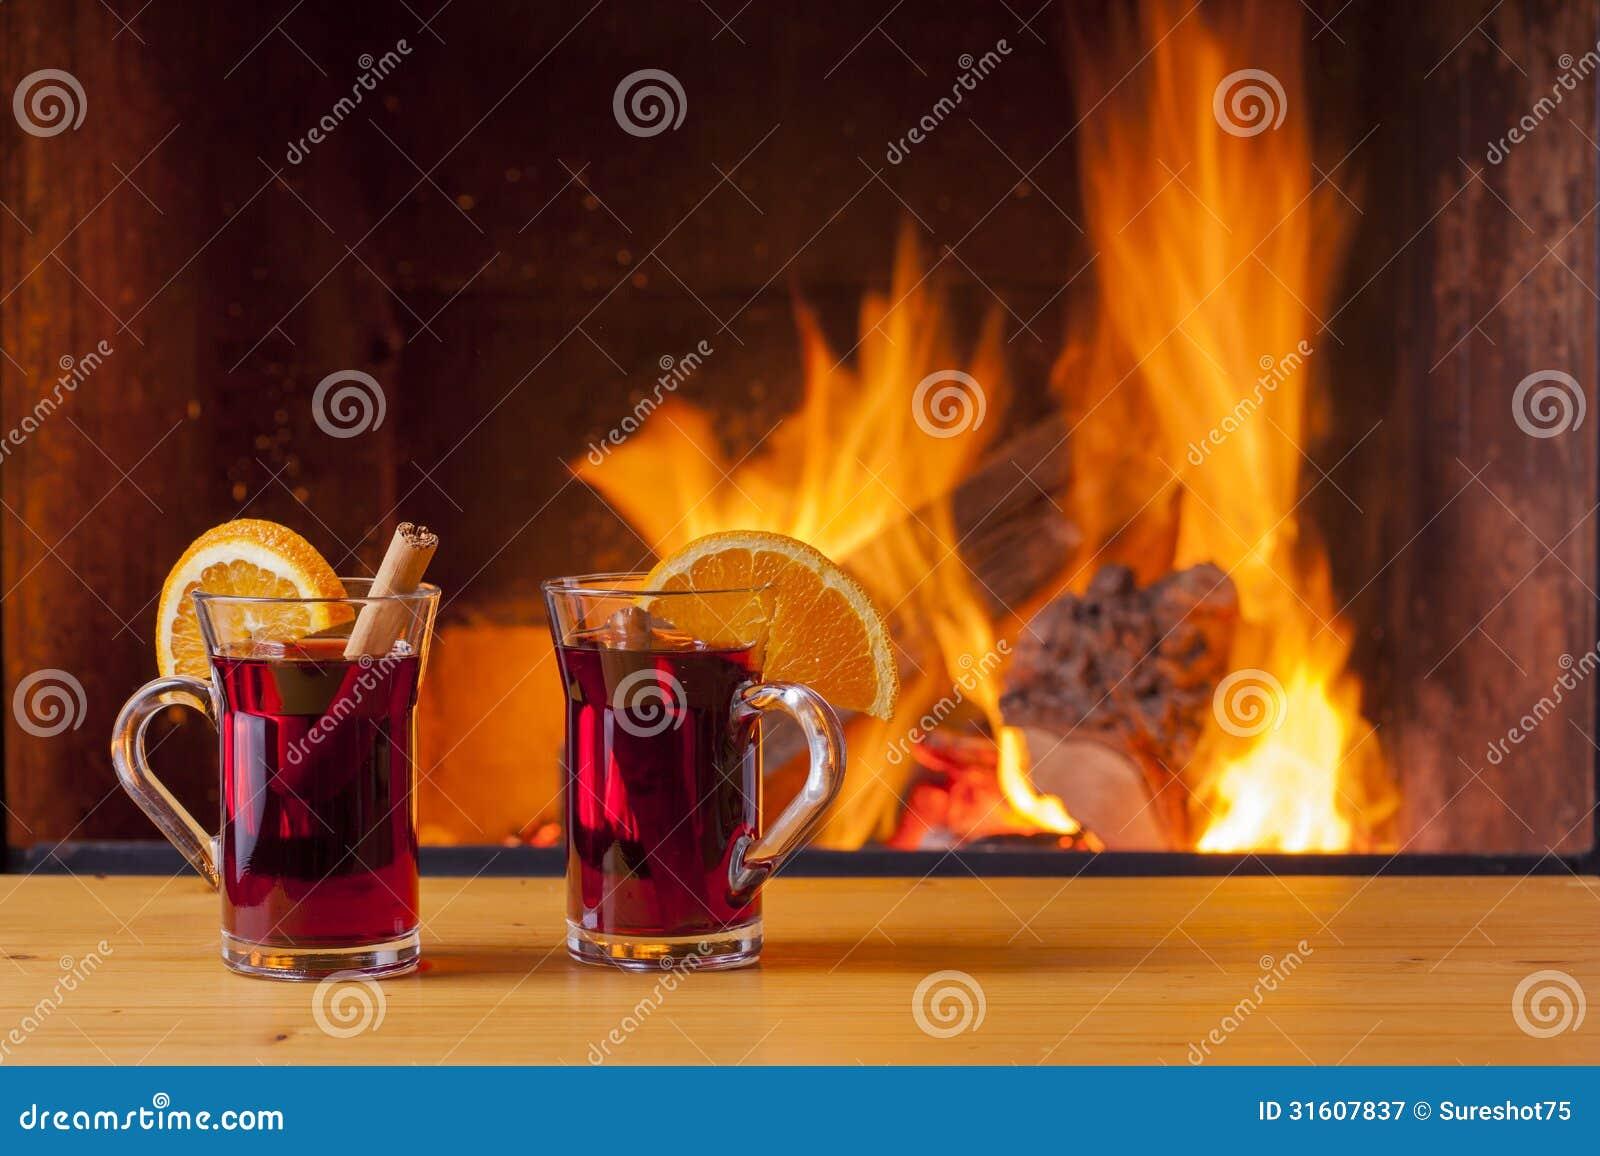 cozy fireplace cozy fireplace extraordinary best 25 cozy